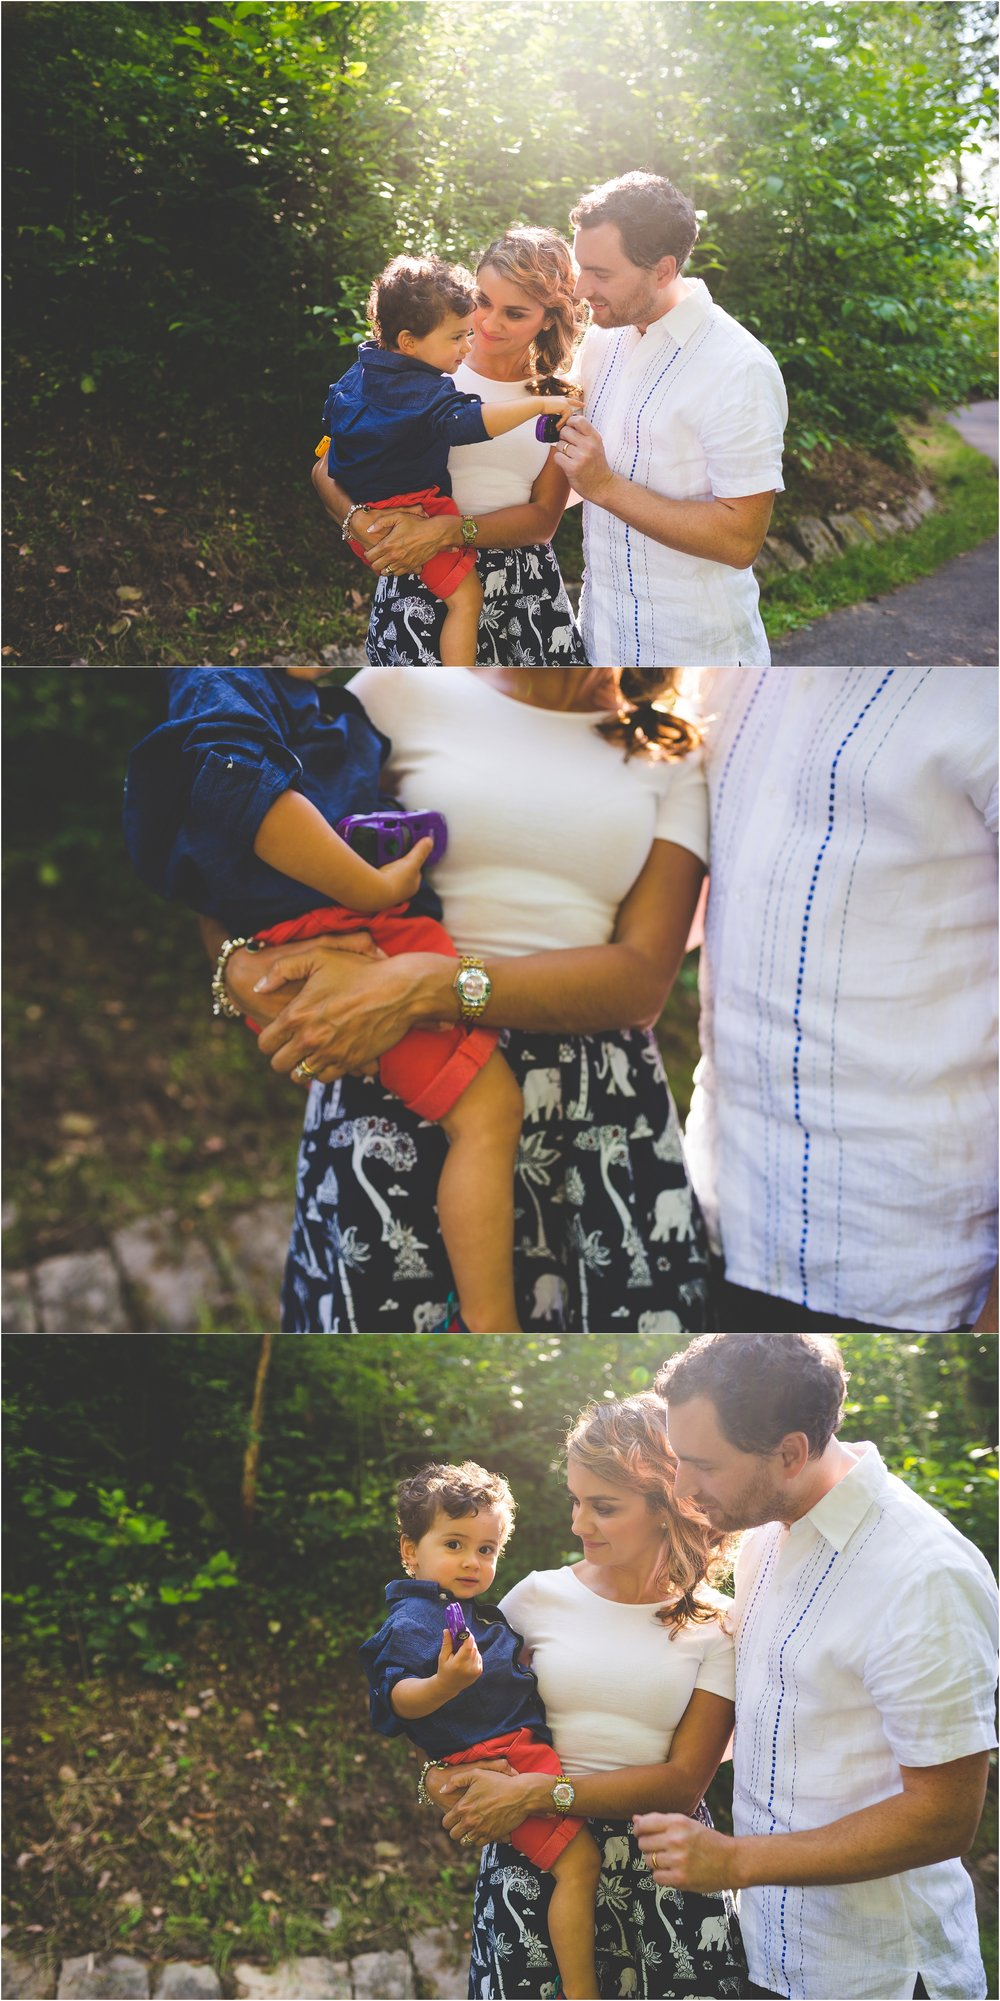 hoyt-arboretum-family-session-jannicka-mayte-portland-oregon-family-photographer_0030.jpg